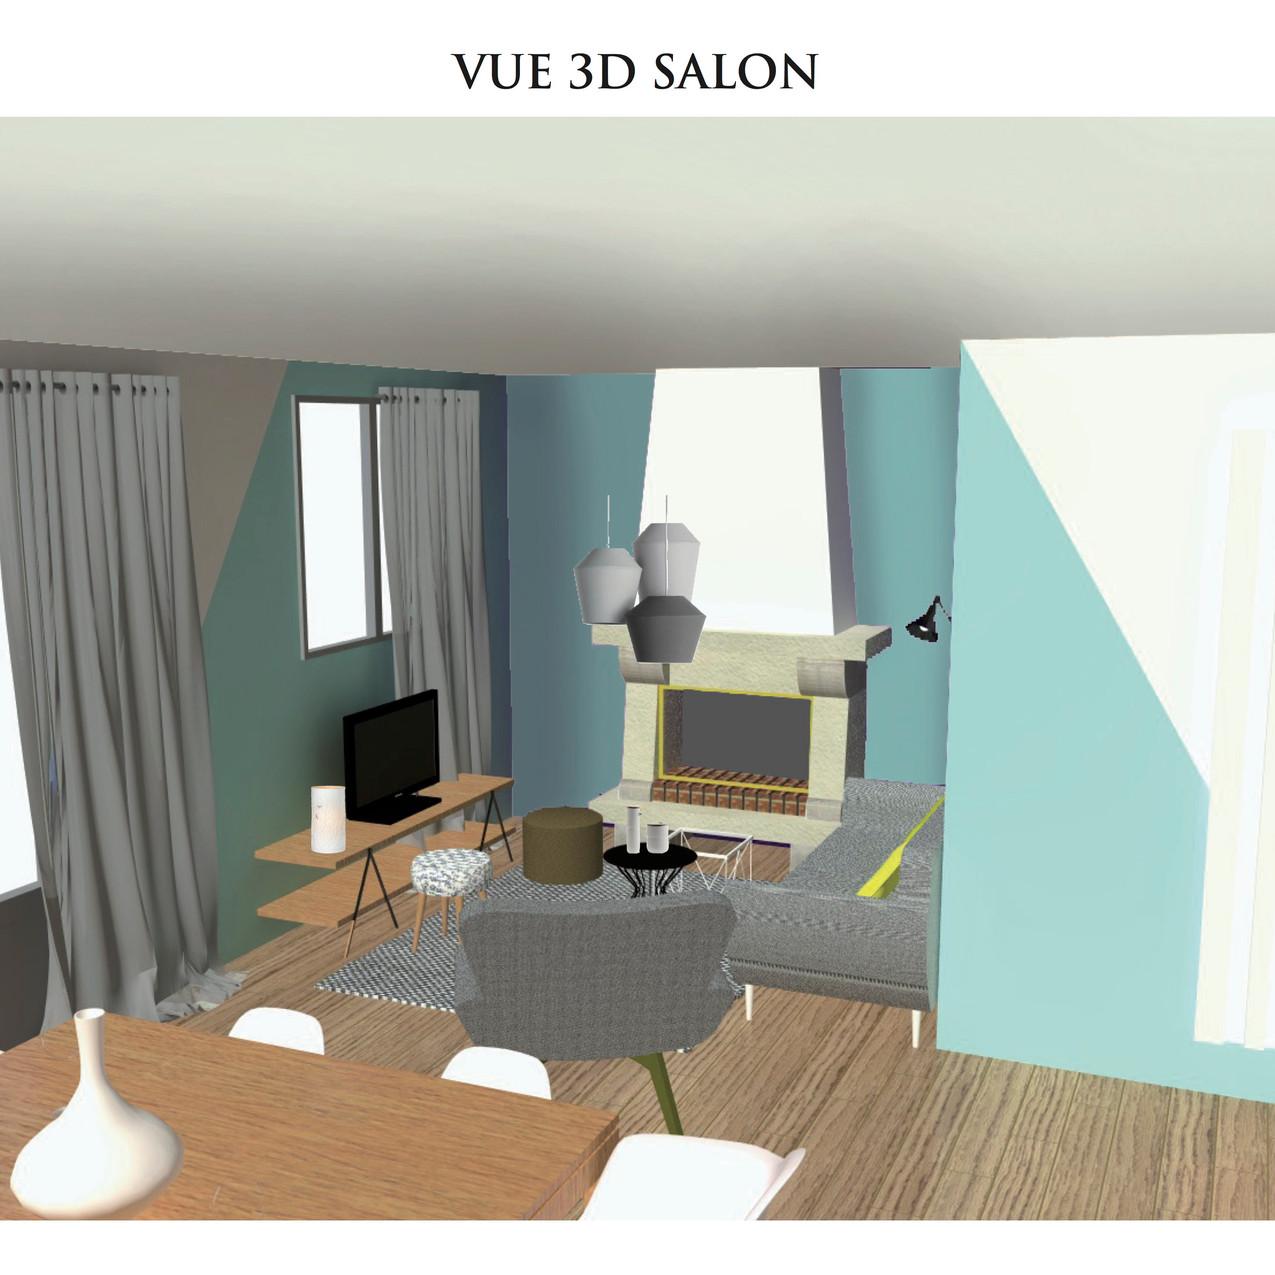 3D décoration